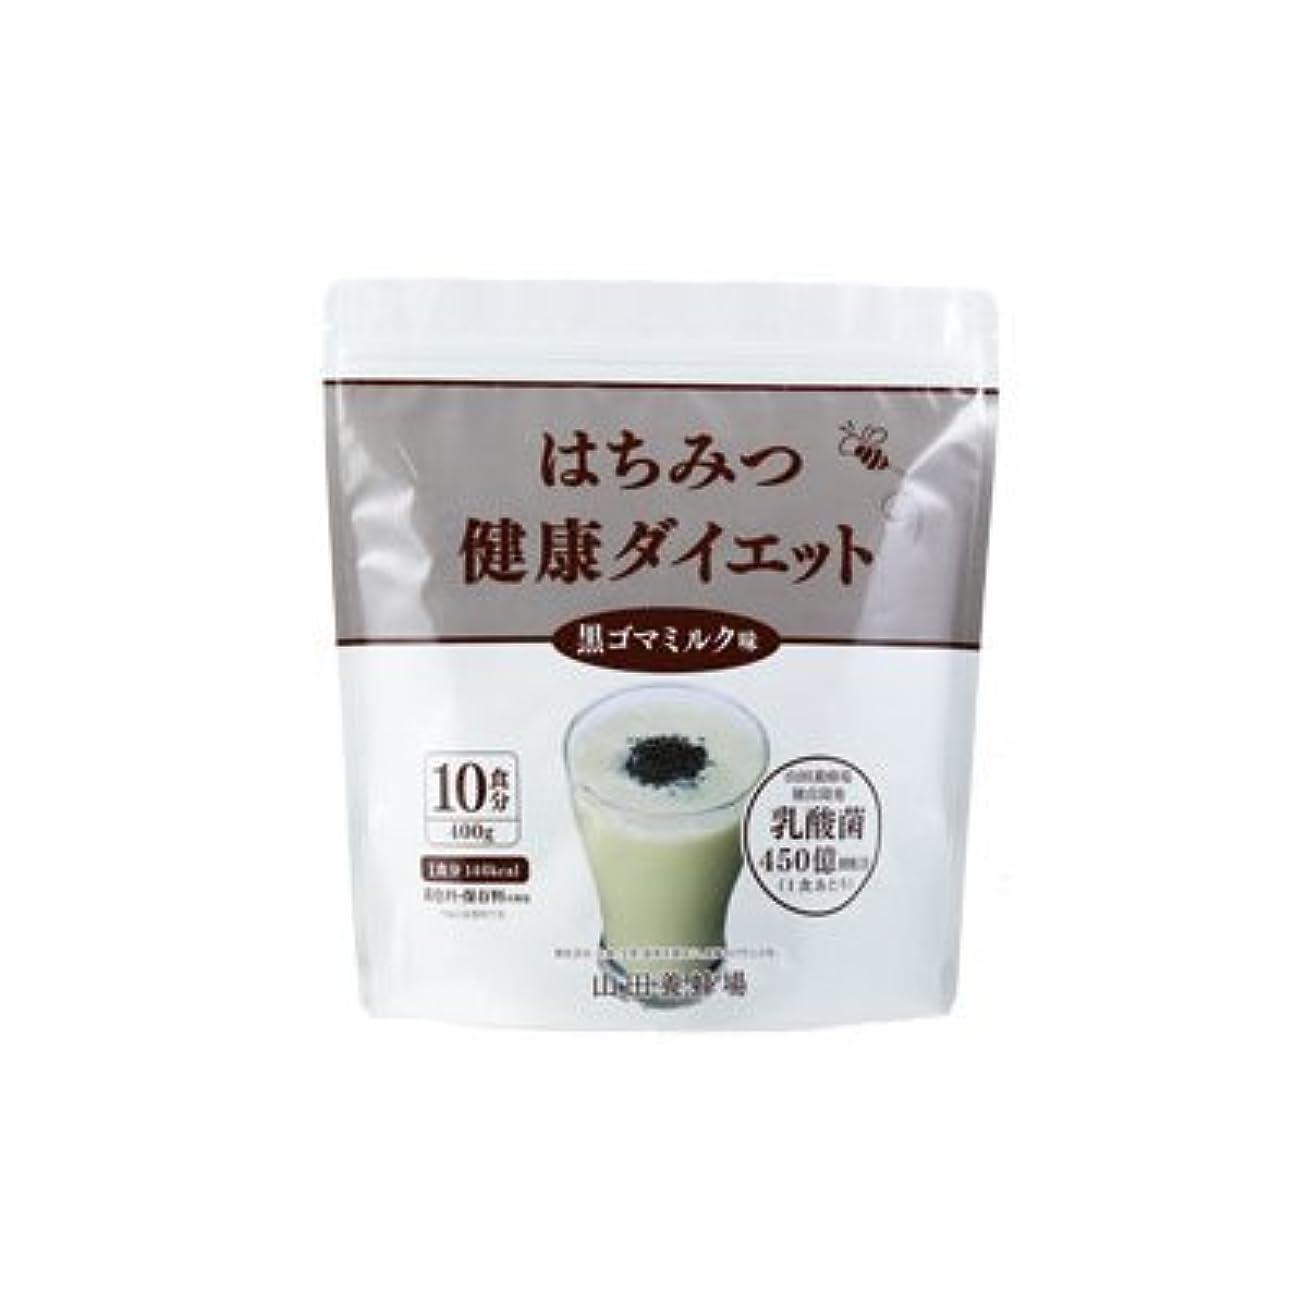 虚偽ハイジャック意気込みはちみつ健康ダイエット 【黒ごまミルク味】400g(10食分)